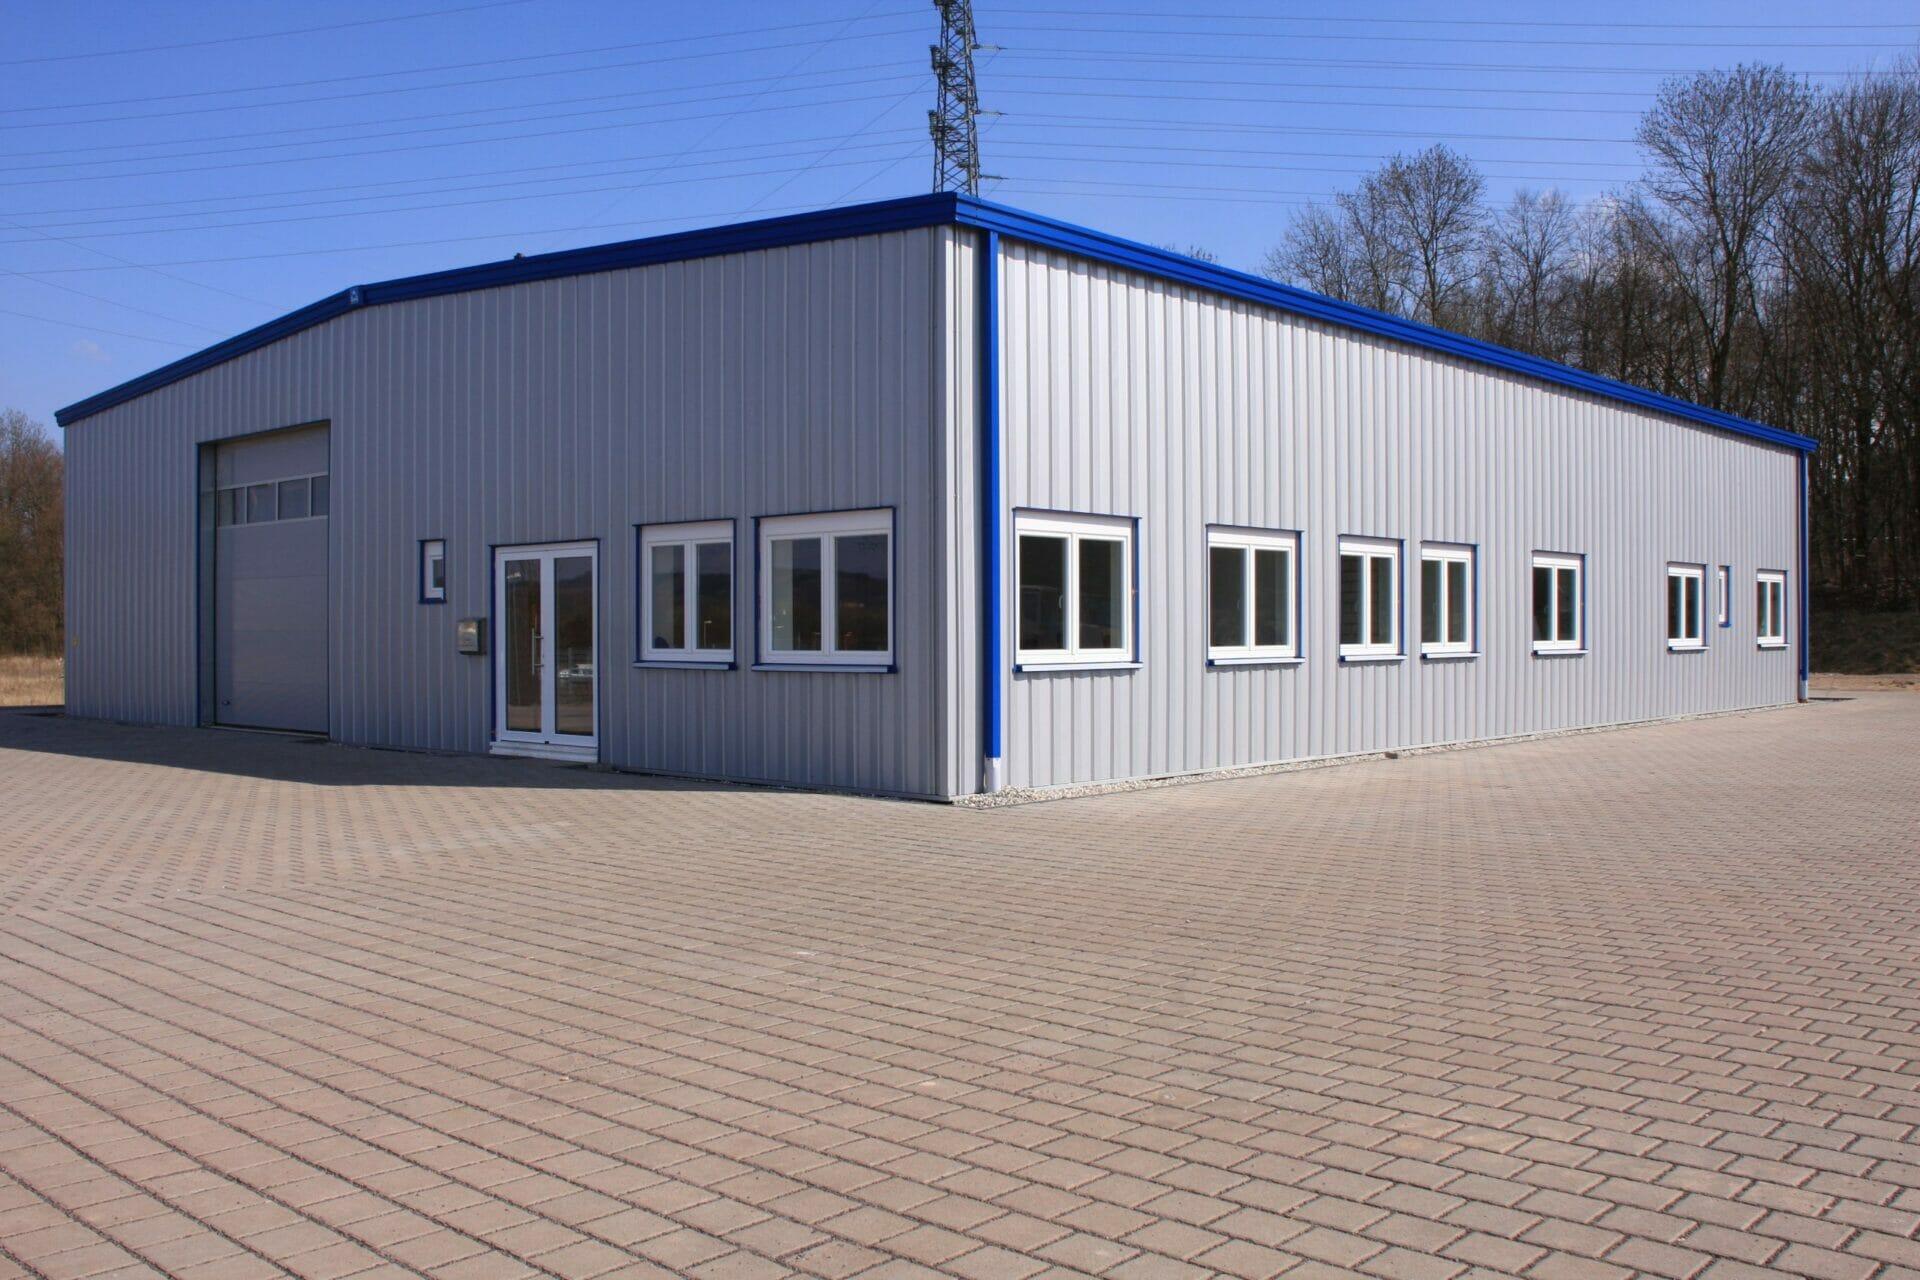 Pre-Engineered Metal Garage Building With Roll Up Garage Door And Standard Door